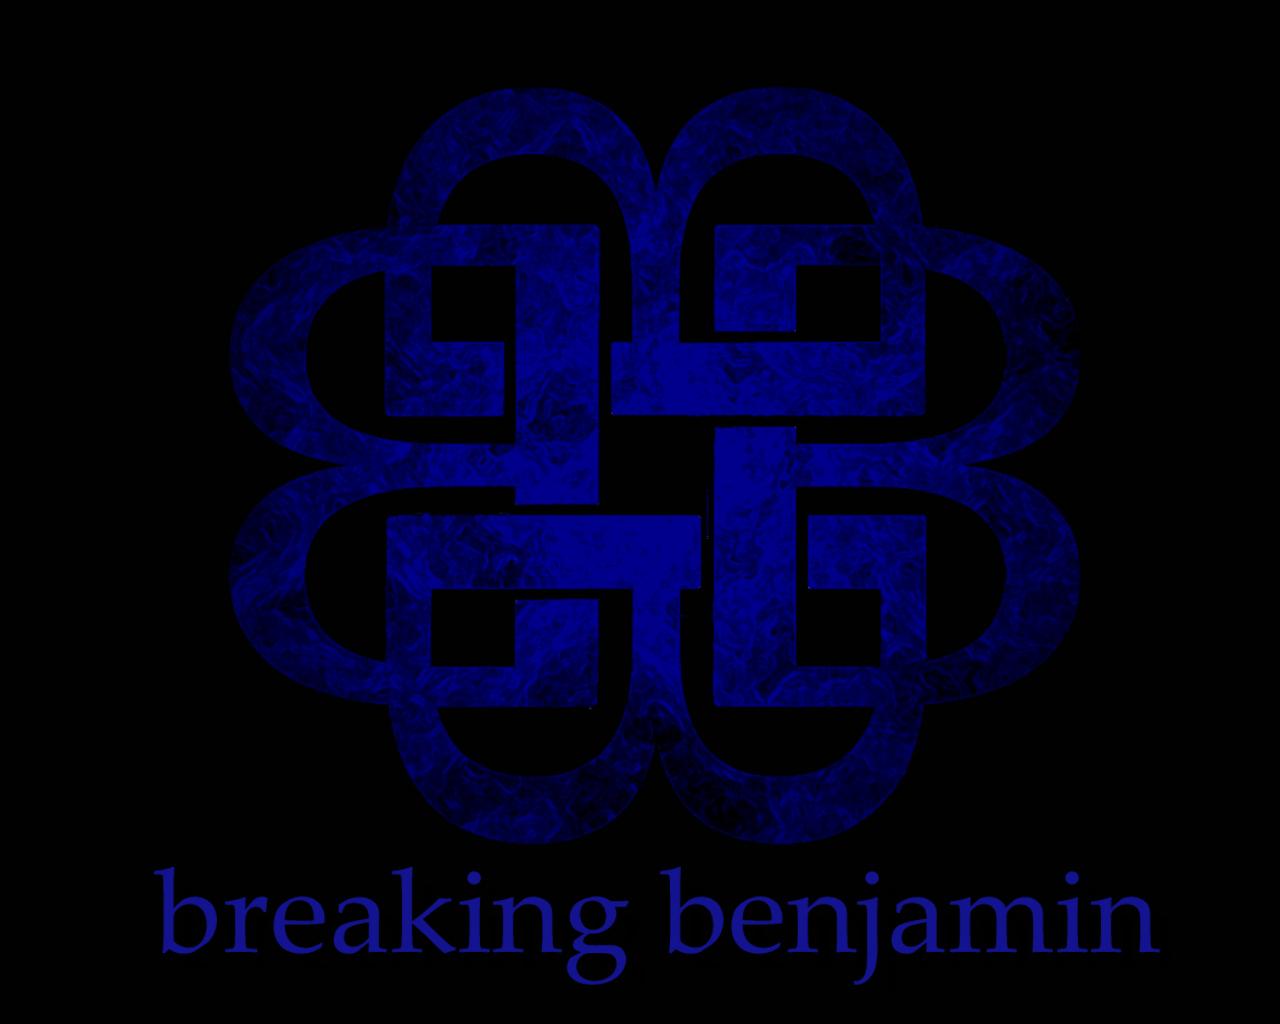 Breaking Benjamin images breaking benjamin logo HD 1280x1024